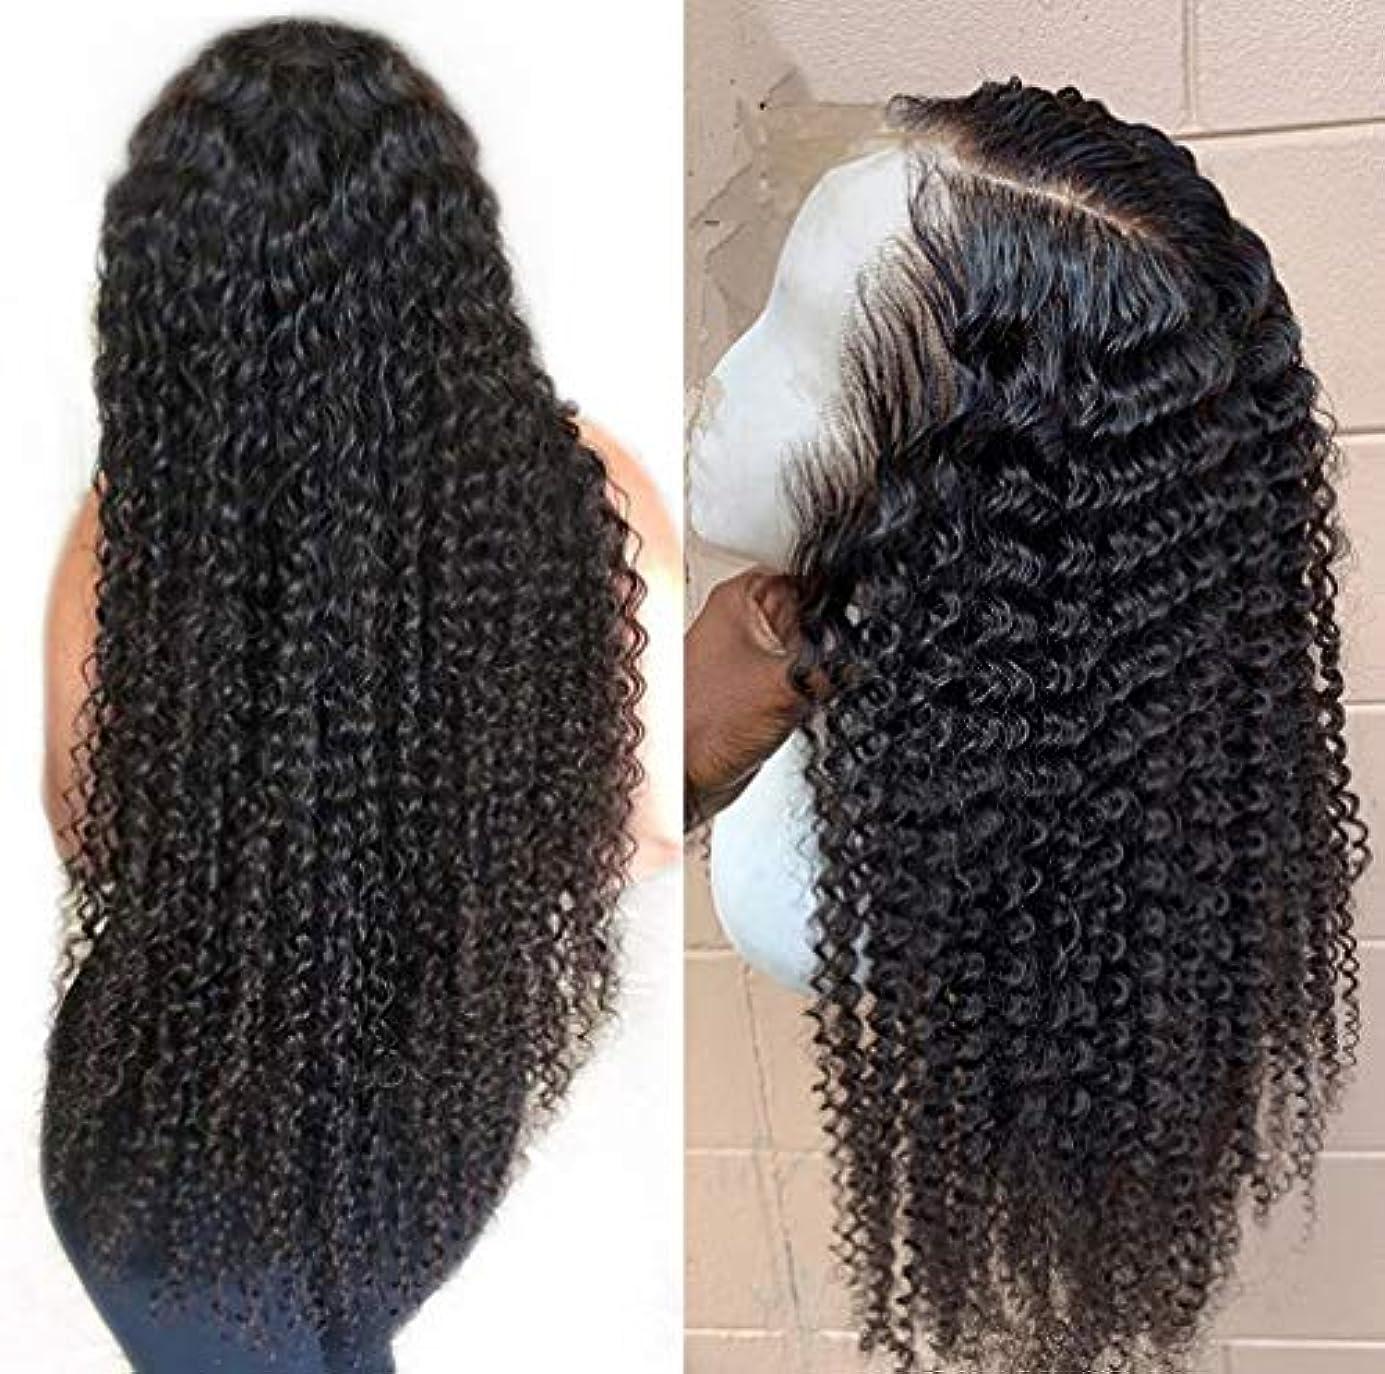 承知しました少年爆弾女性13 * 6レースフロントかつらブラジル人間の髪水波ペルーバージン人間の髪調節可能なかつらベビーヘア